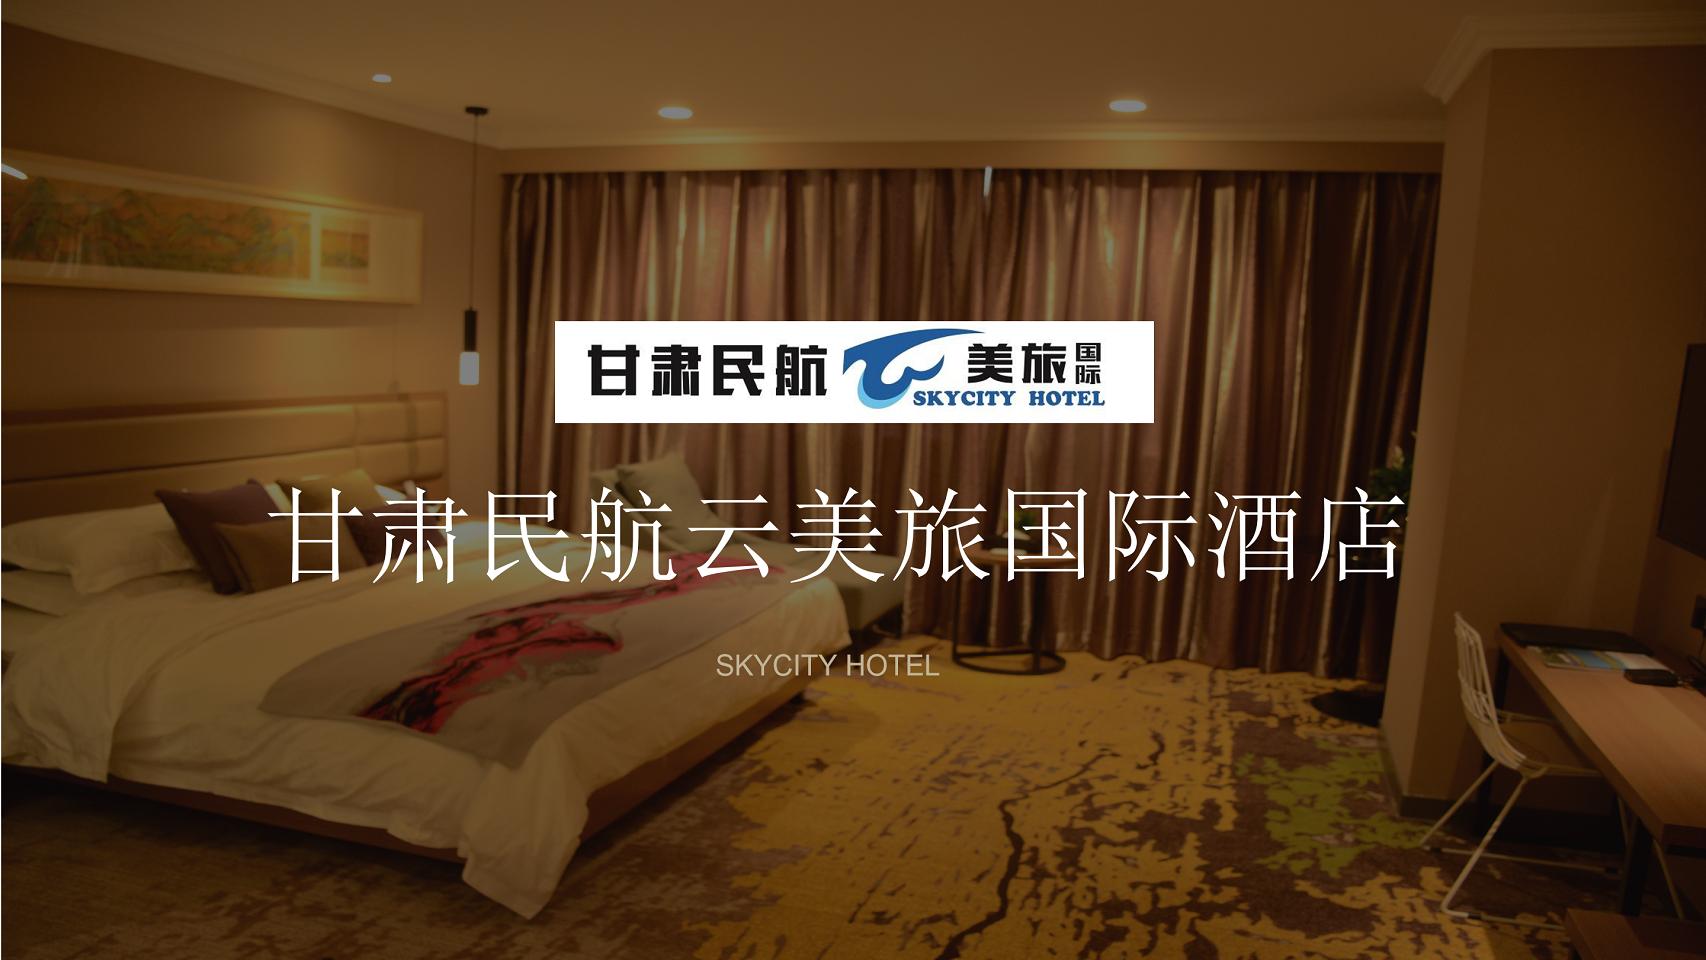 云美旅国际酒店_01.png